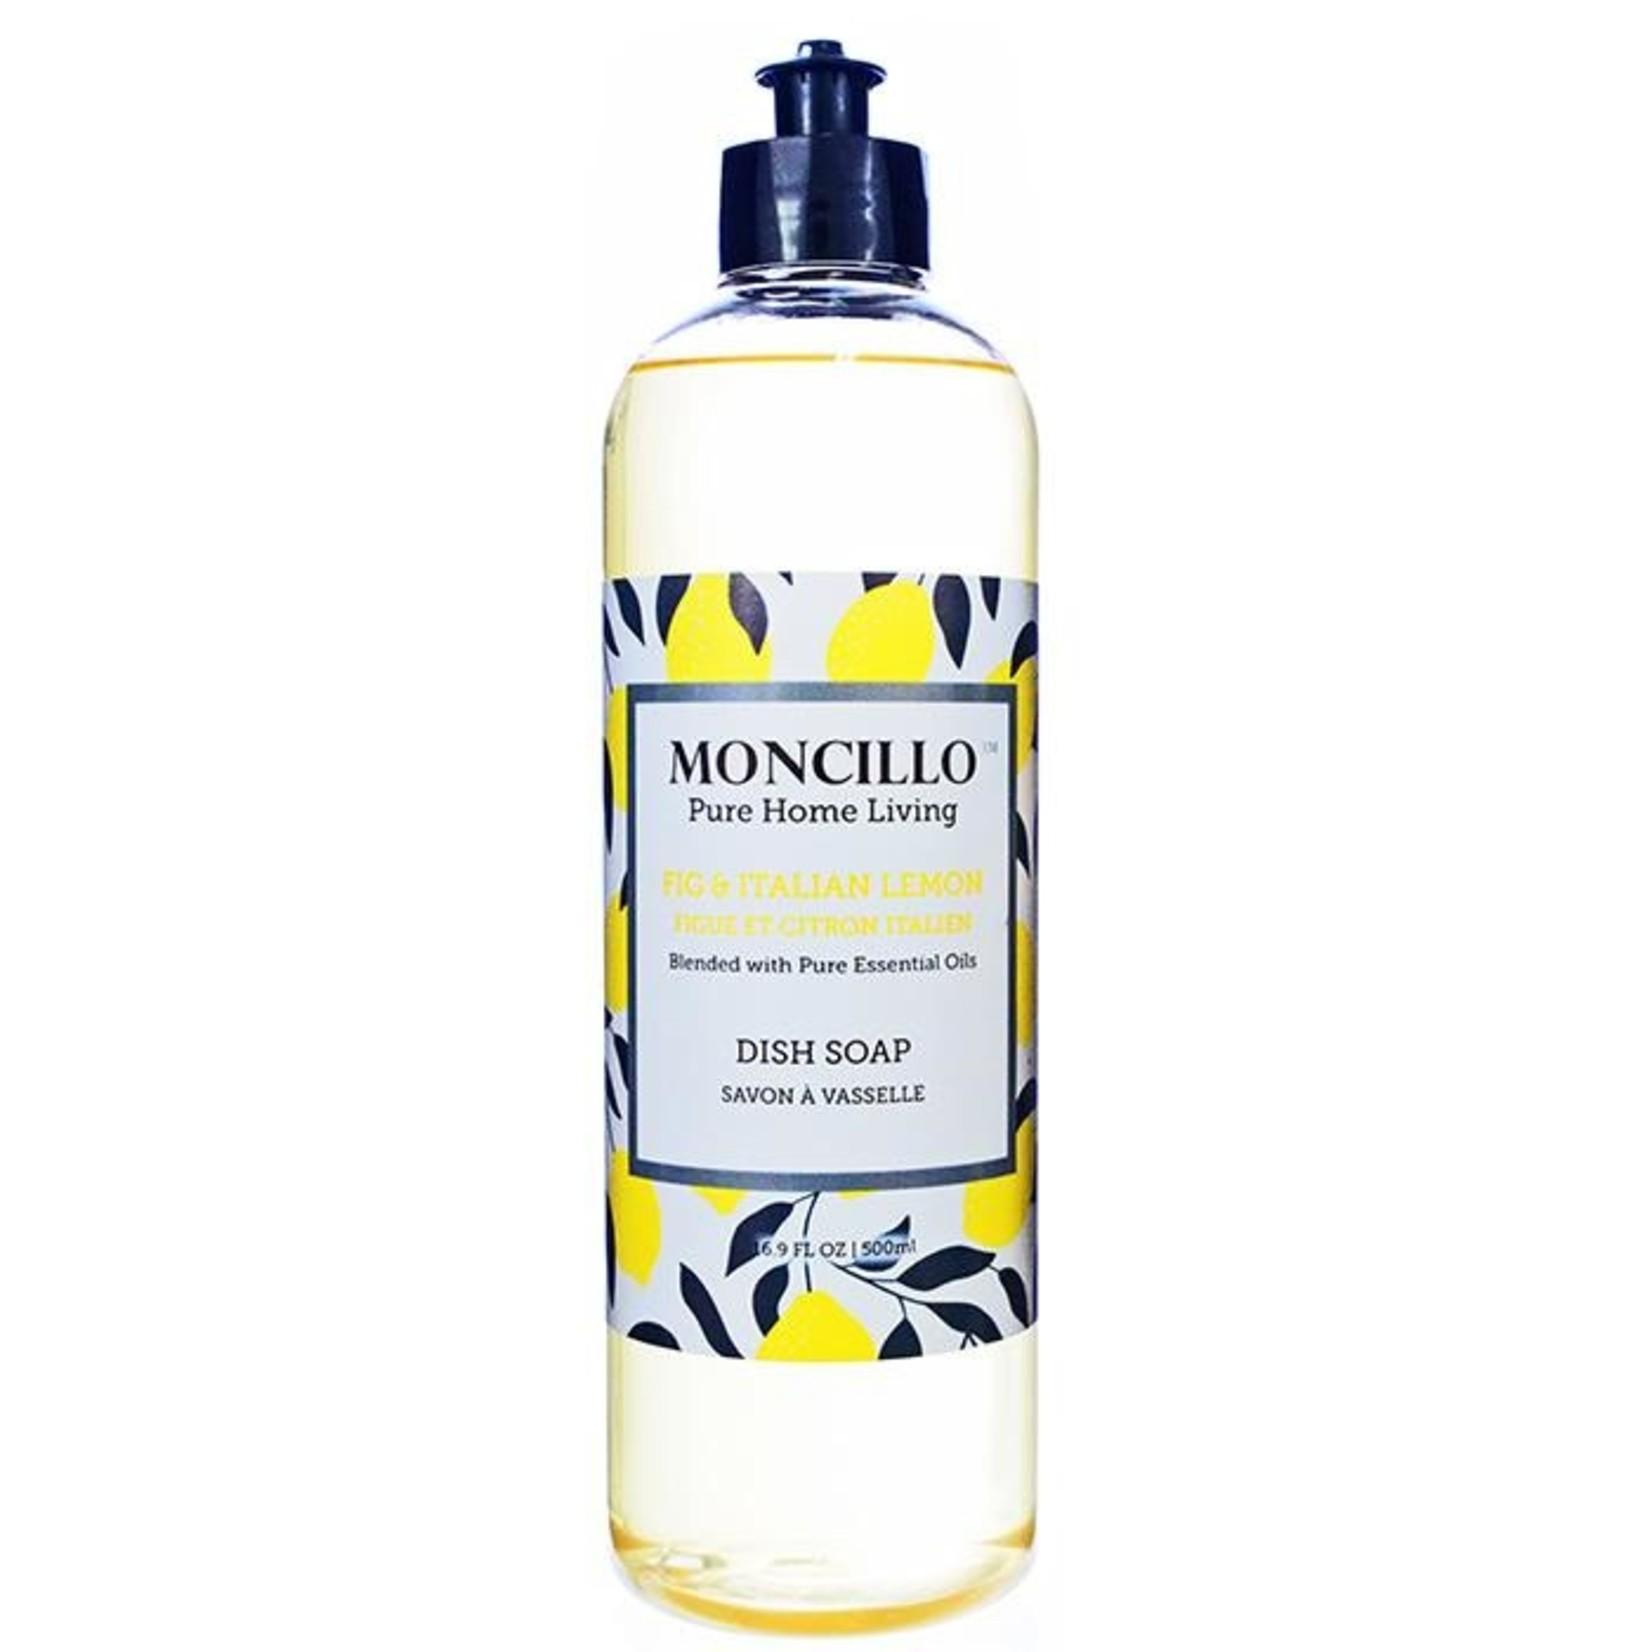 Finesse Home Moncillo Dish Soap